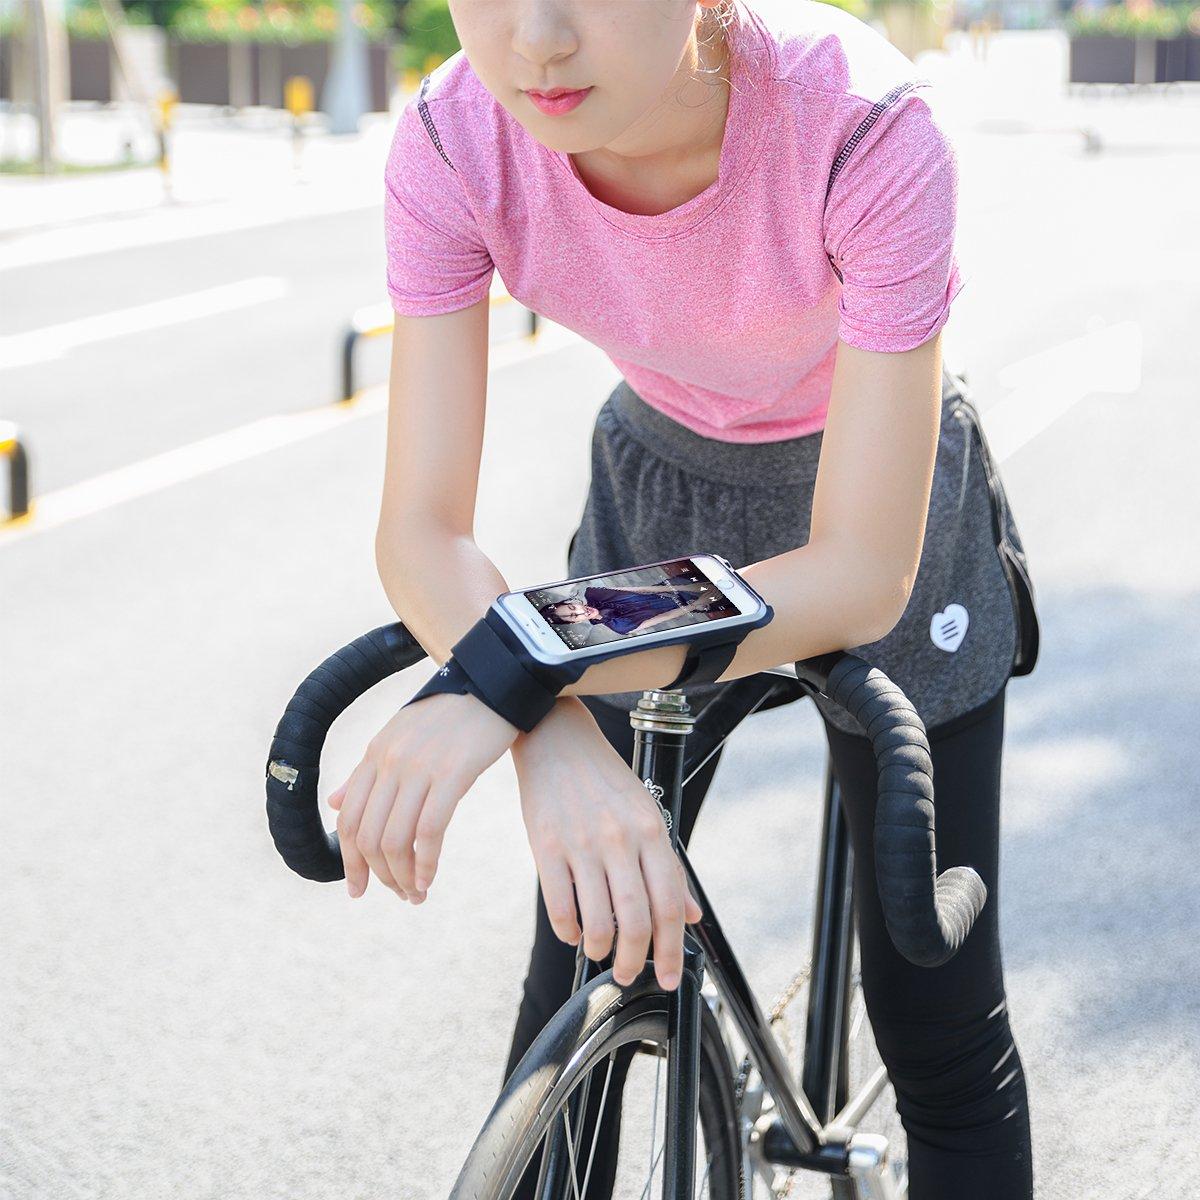 LENTION サイクリング専用アームバンド スマホ用 前腕 タッチスクリーン 防水 調整可能 夜間反射